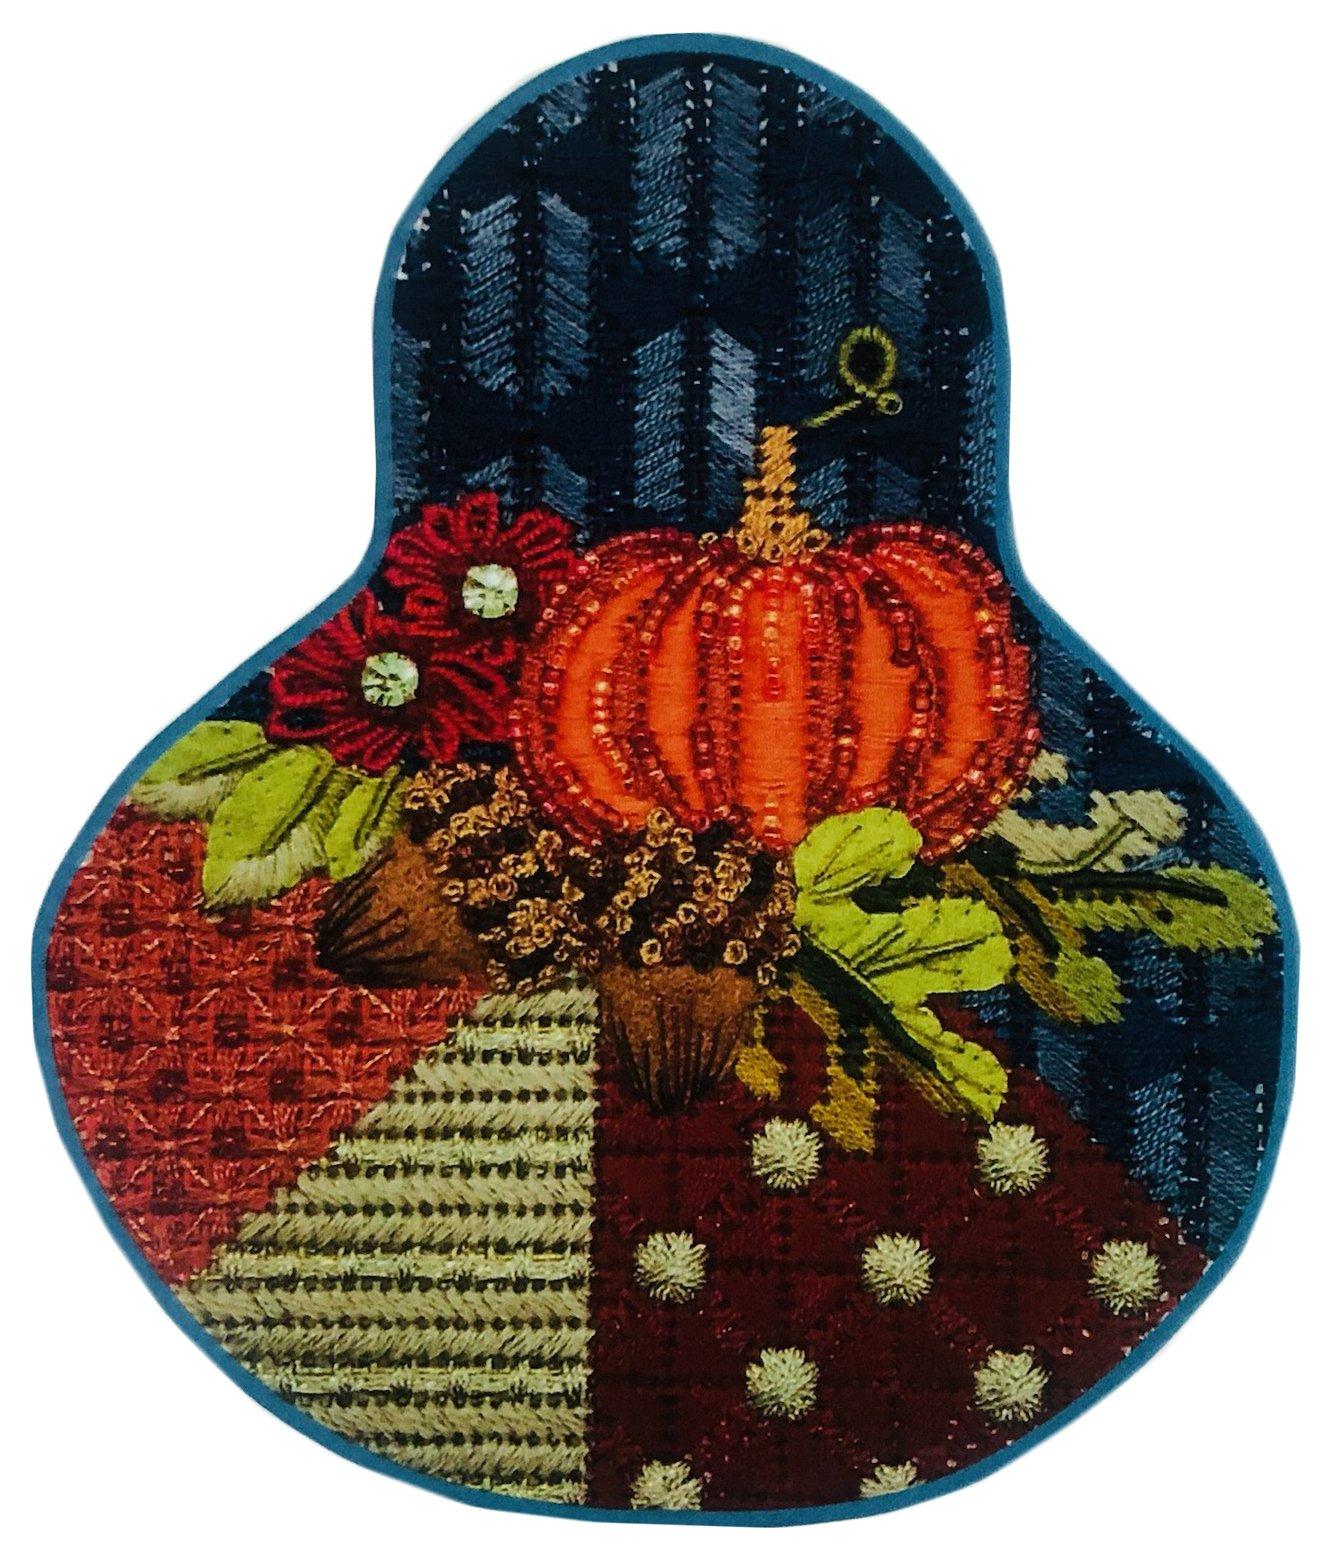 Kit-KCN Autumn Pear Club #2 Autumn Harvest Pear